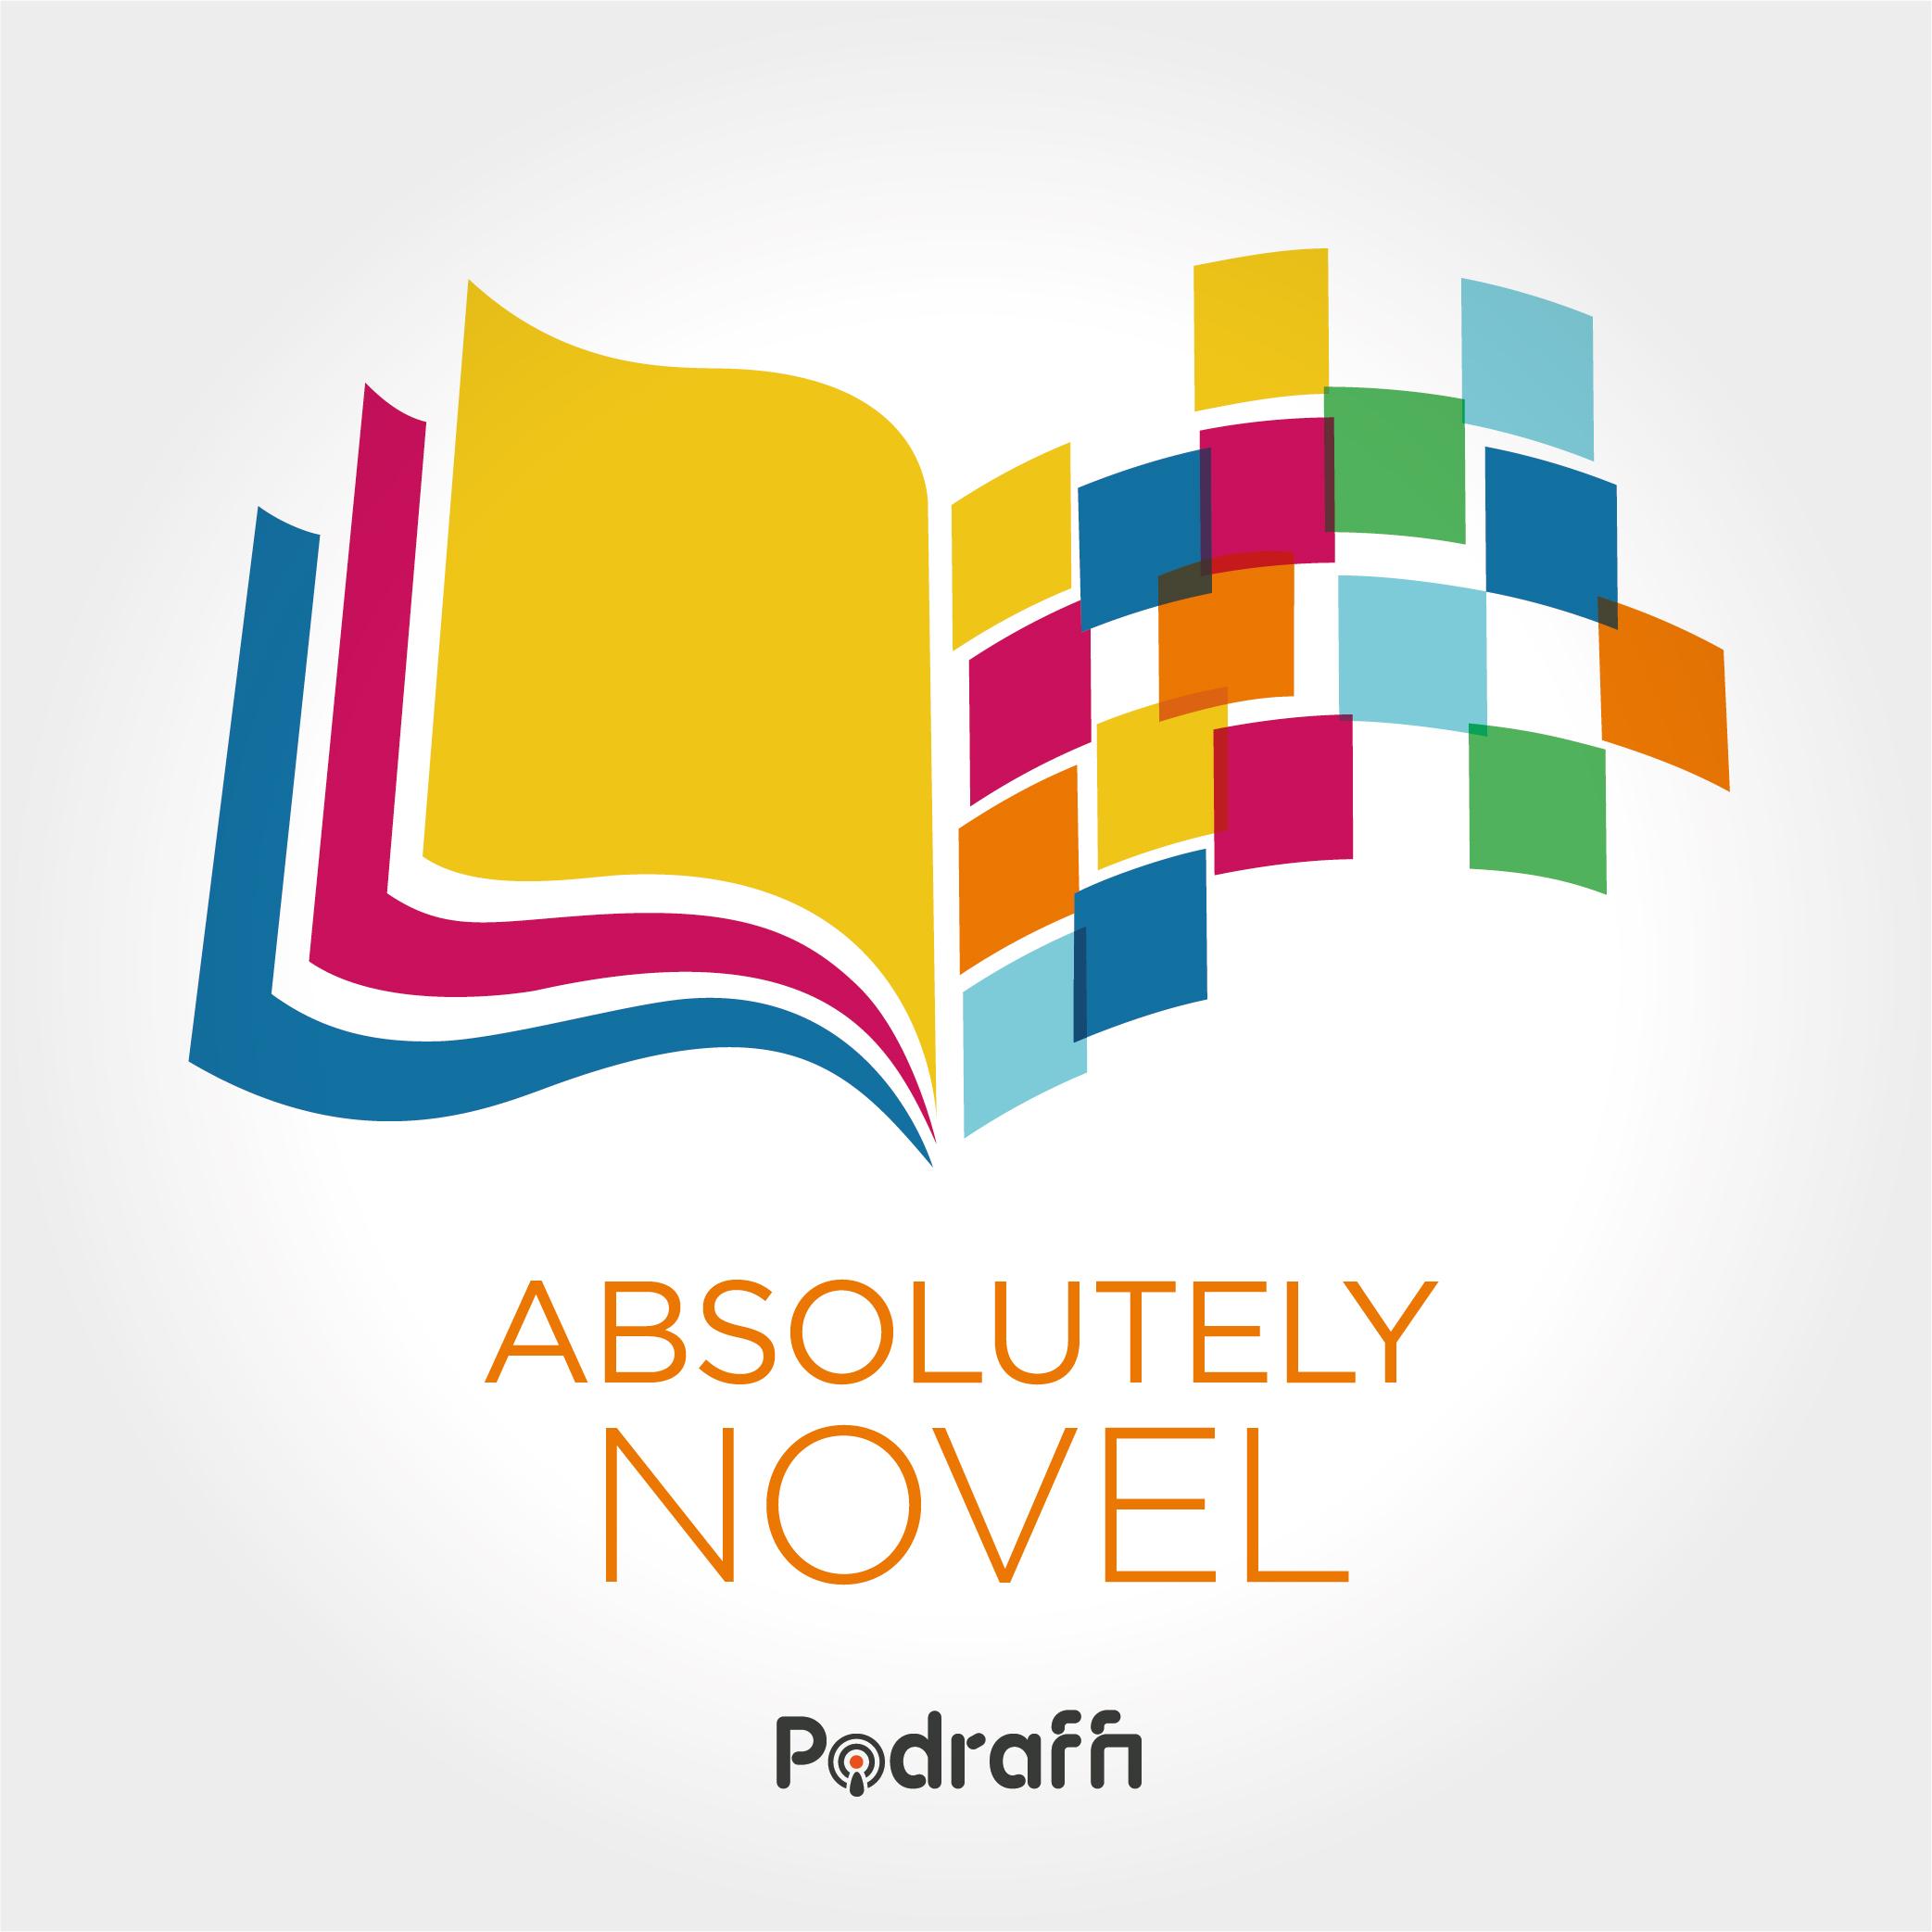 Absolutely_Novel_Podcast_Artwork